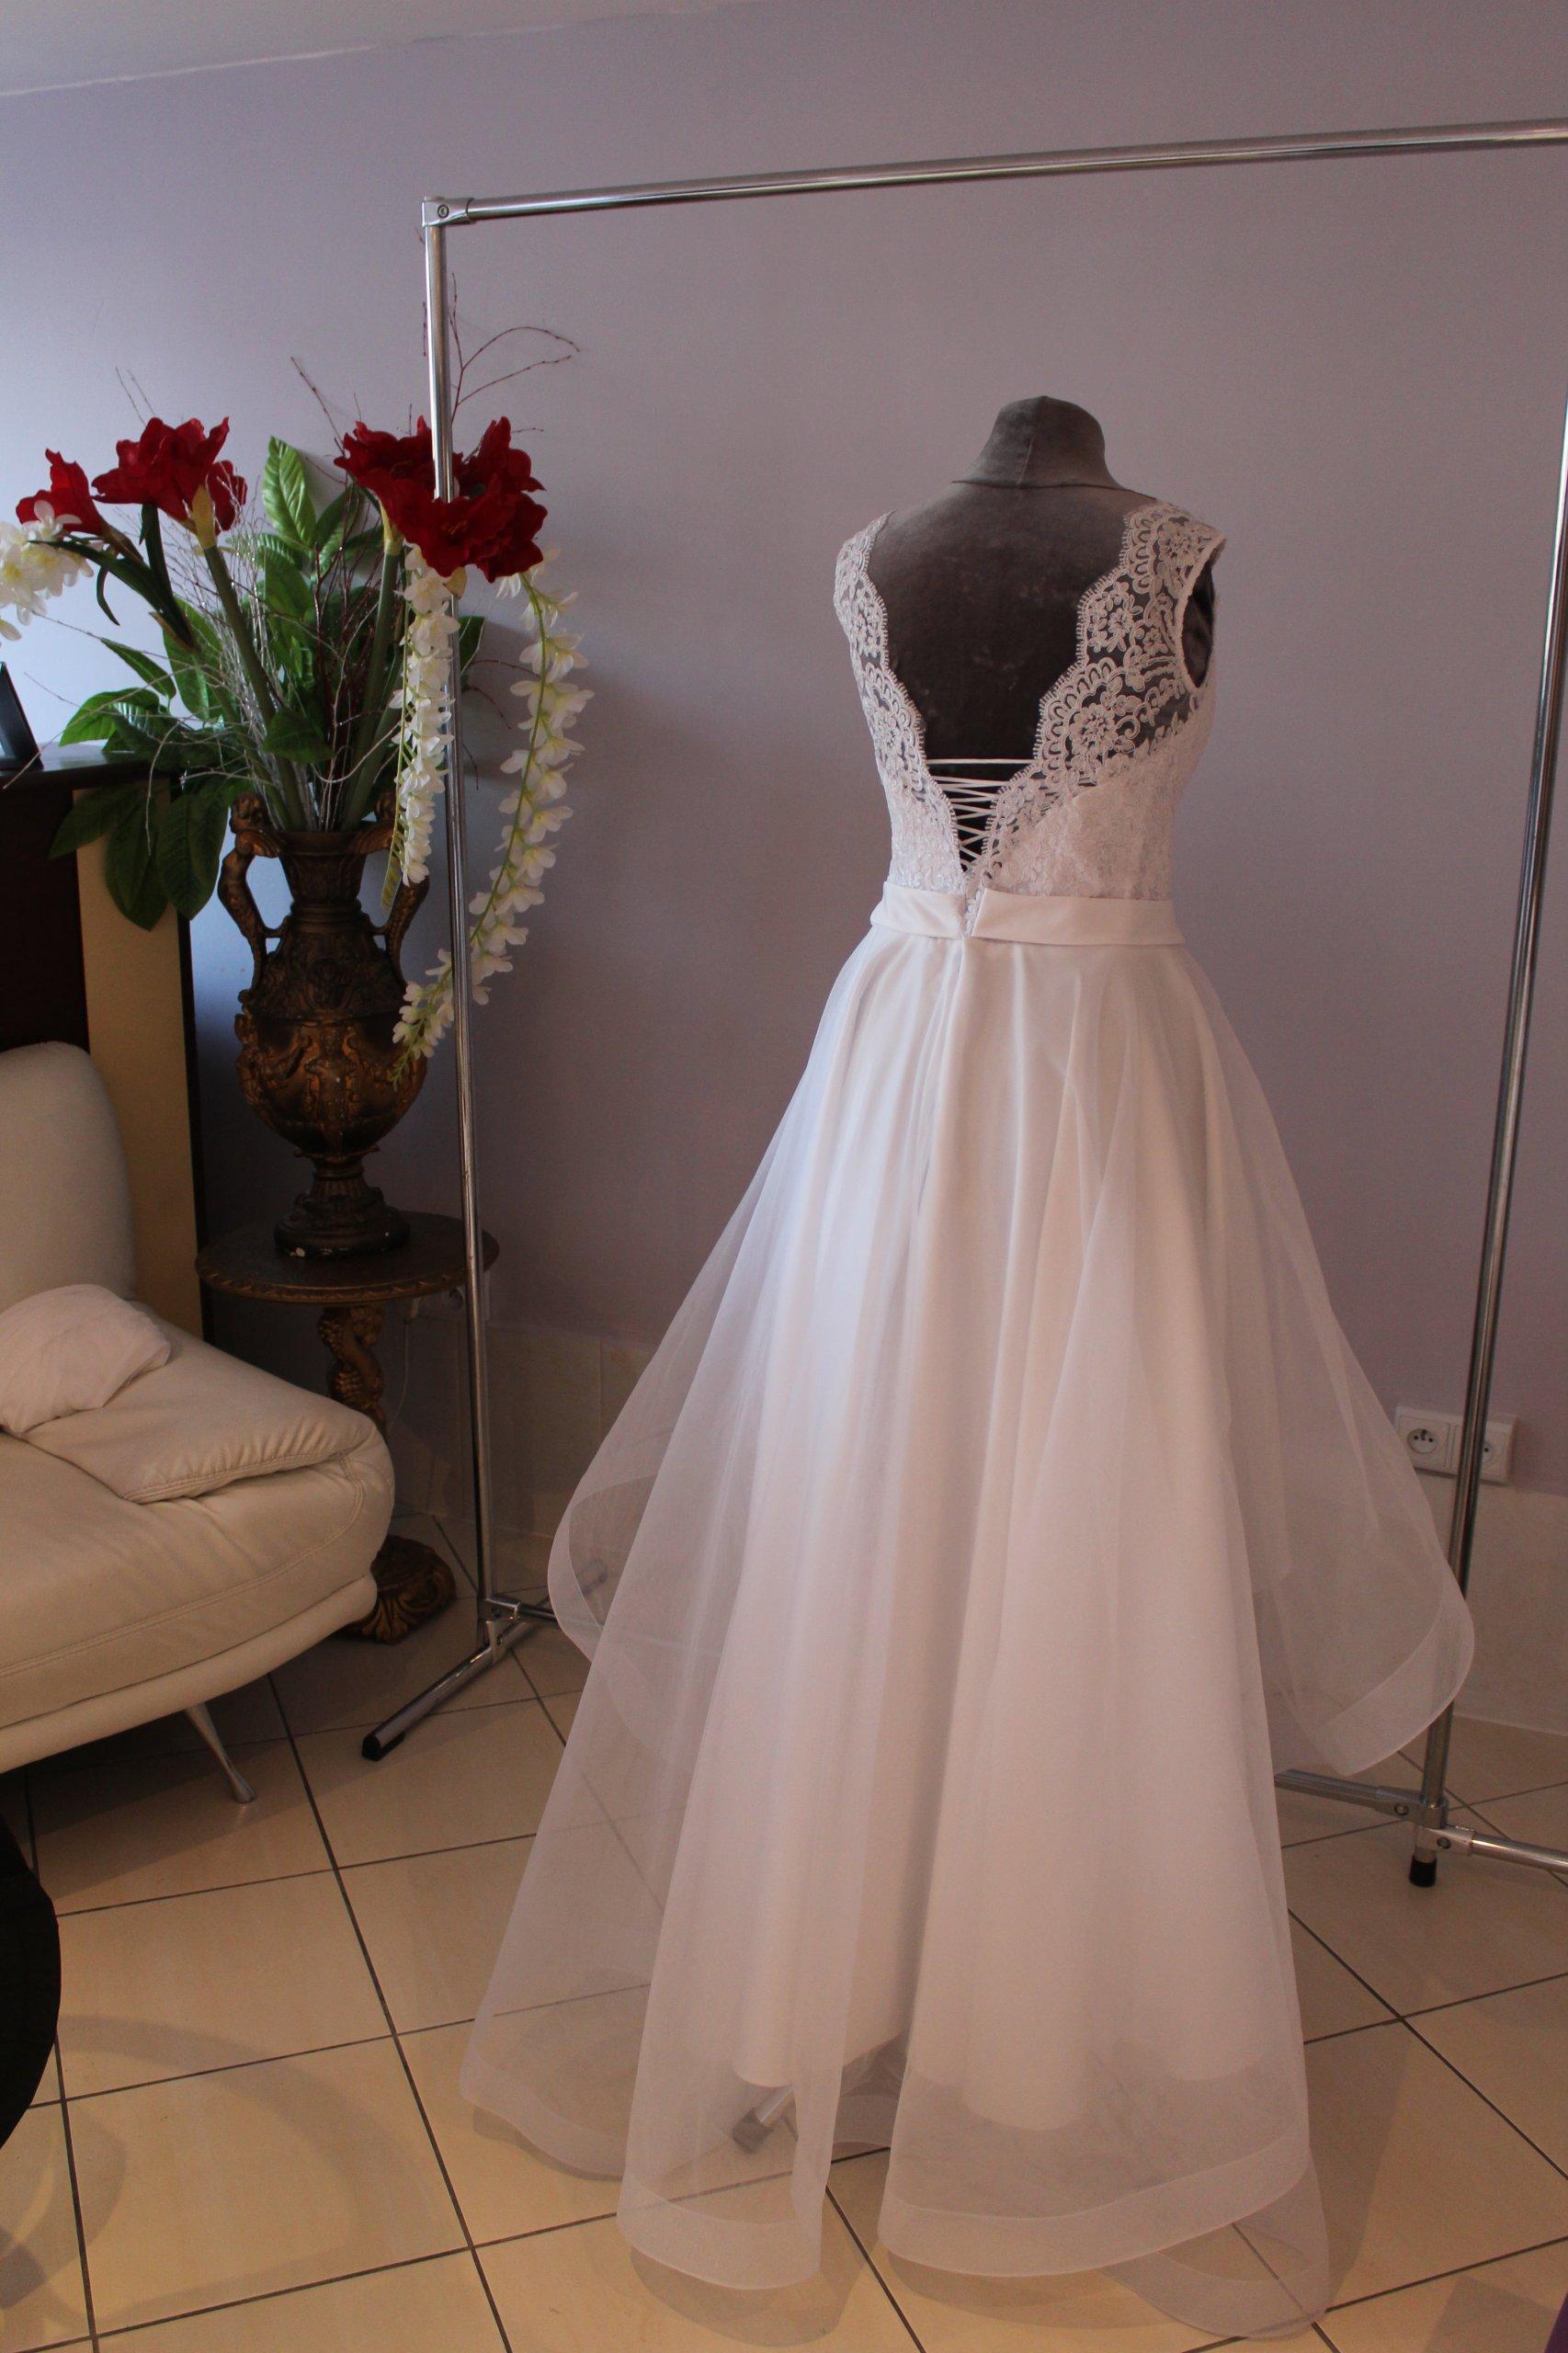 78a4ca66d8 Asymetryczna suknia ślubna. Idealna! - 7138250853 - oficjalne ...